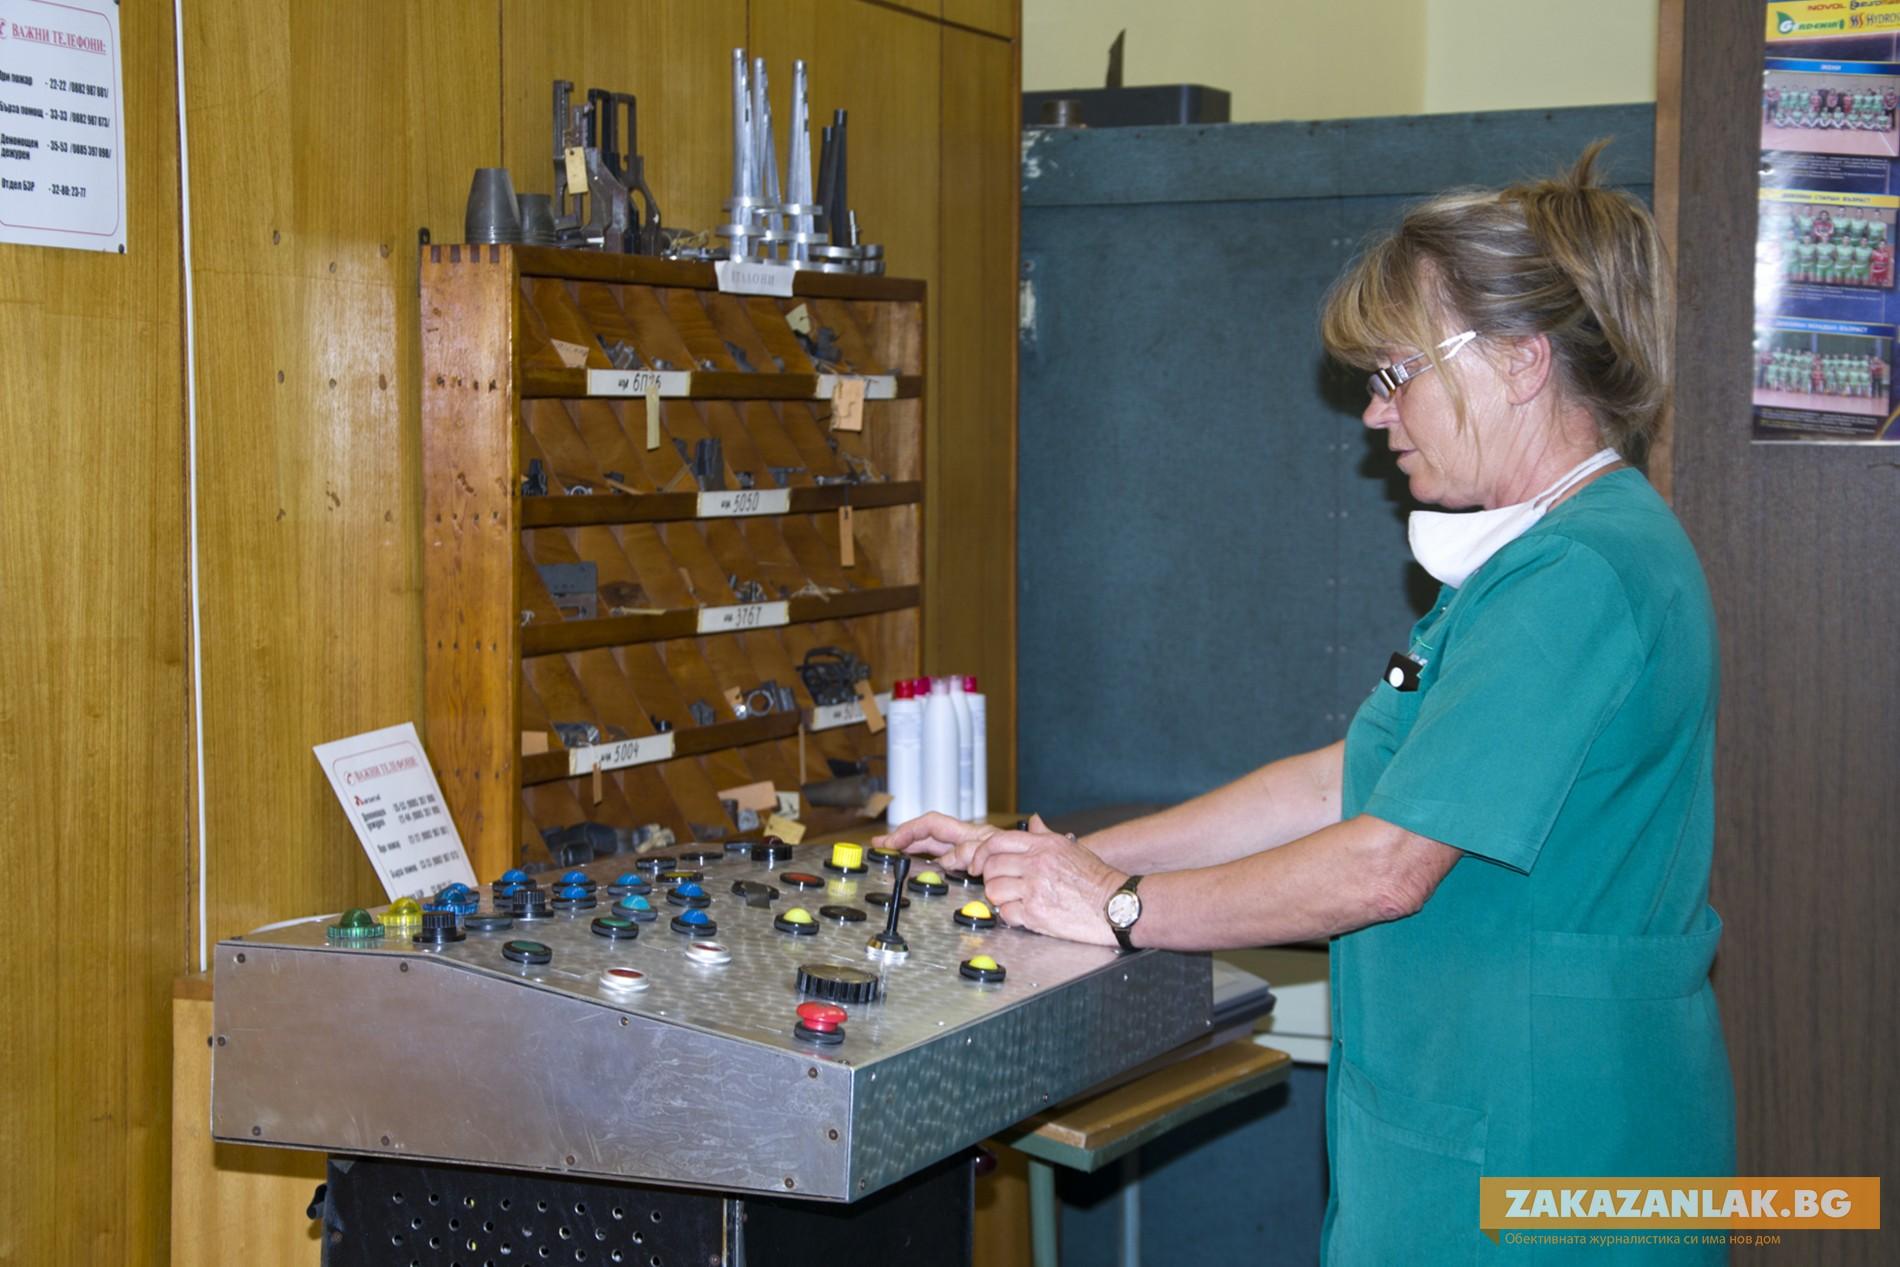 Физичната лаборатория: Контрол на материалите от входа до изхода